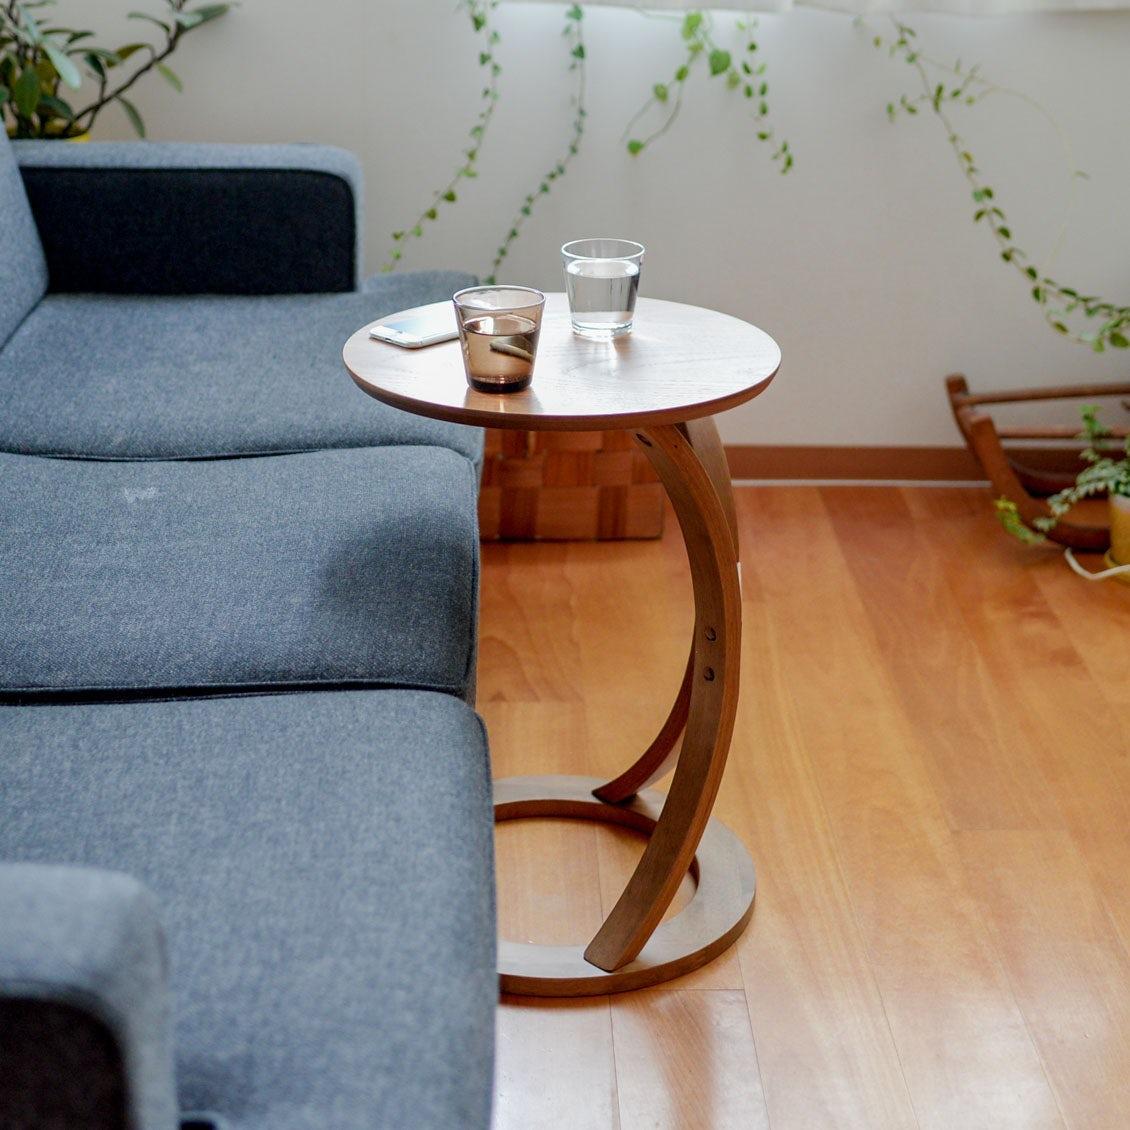 【新商品】人気の「木のサイドテーブル」 に新色のブラウンが仲間入りしました!